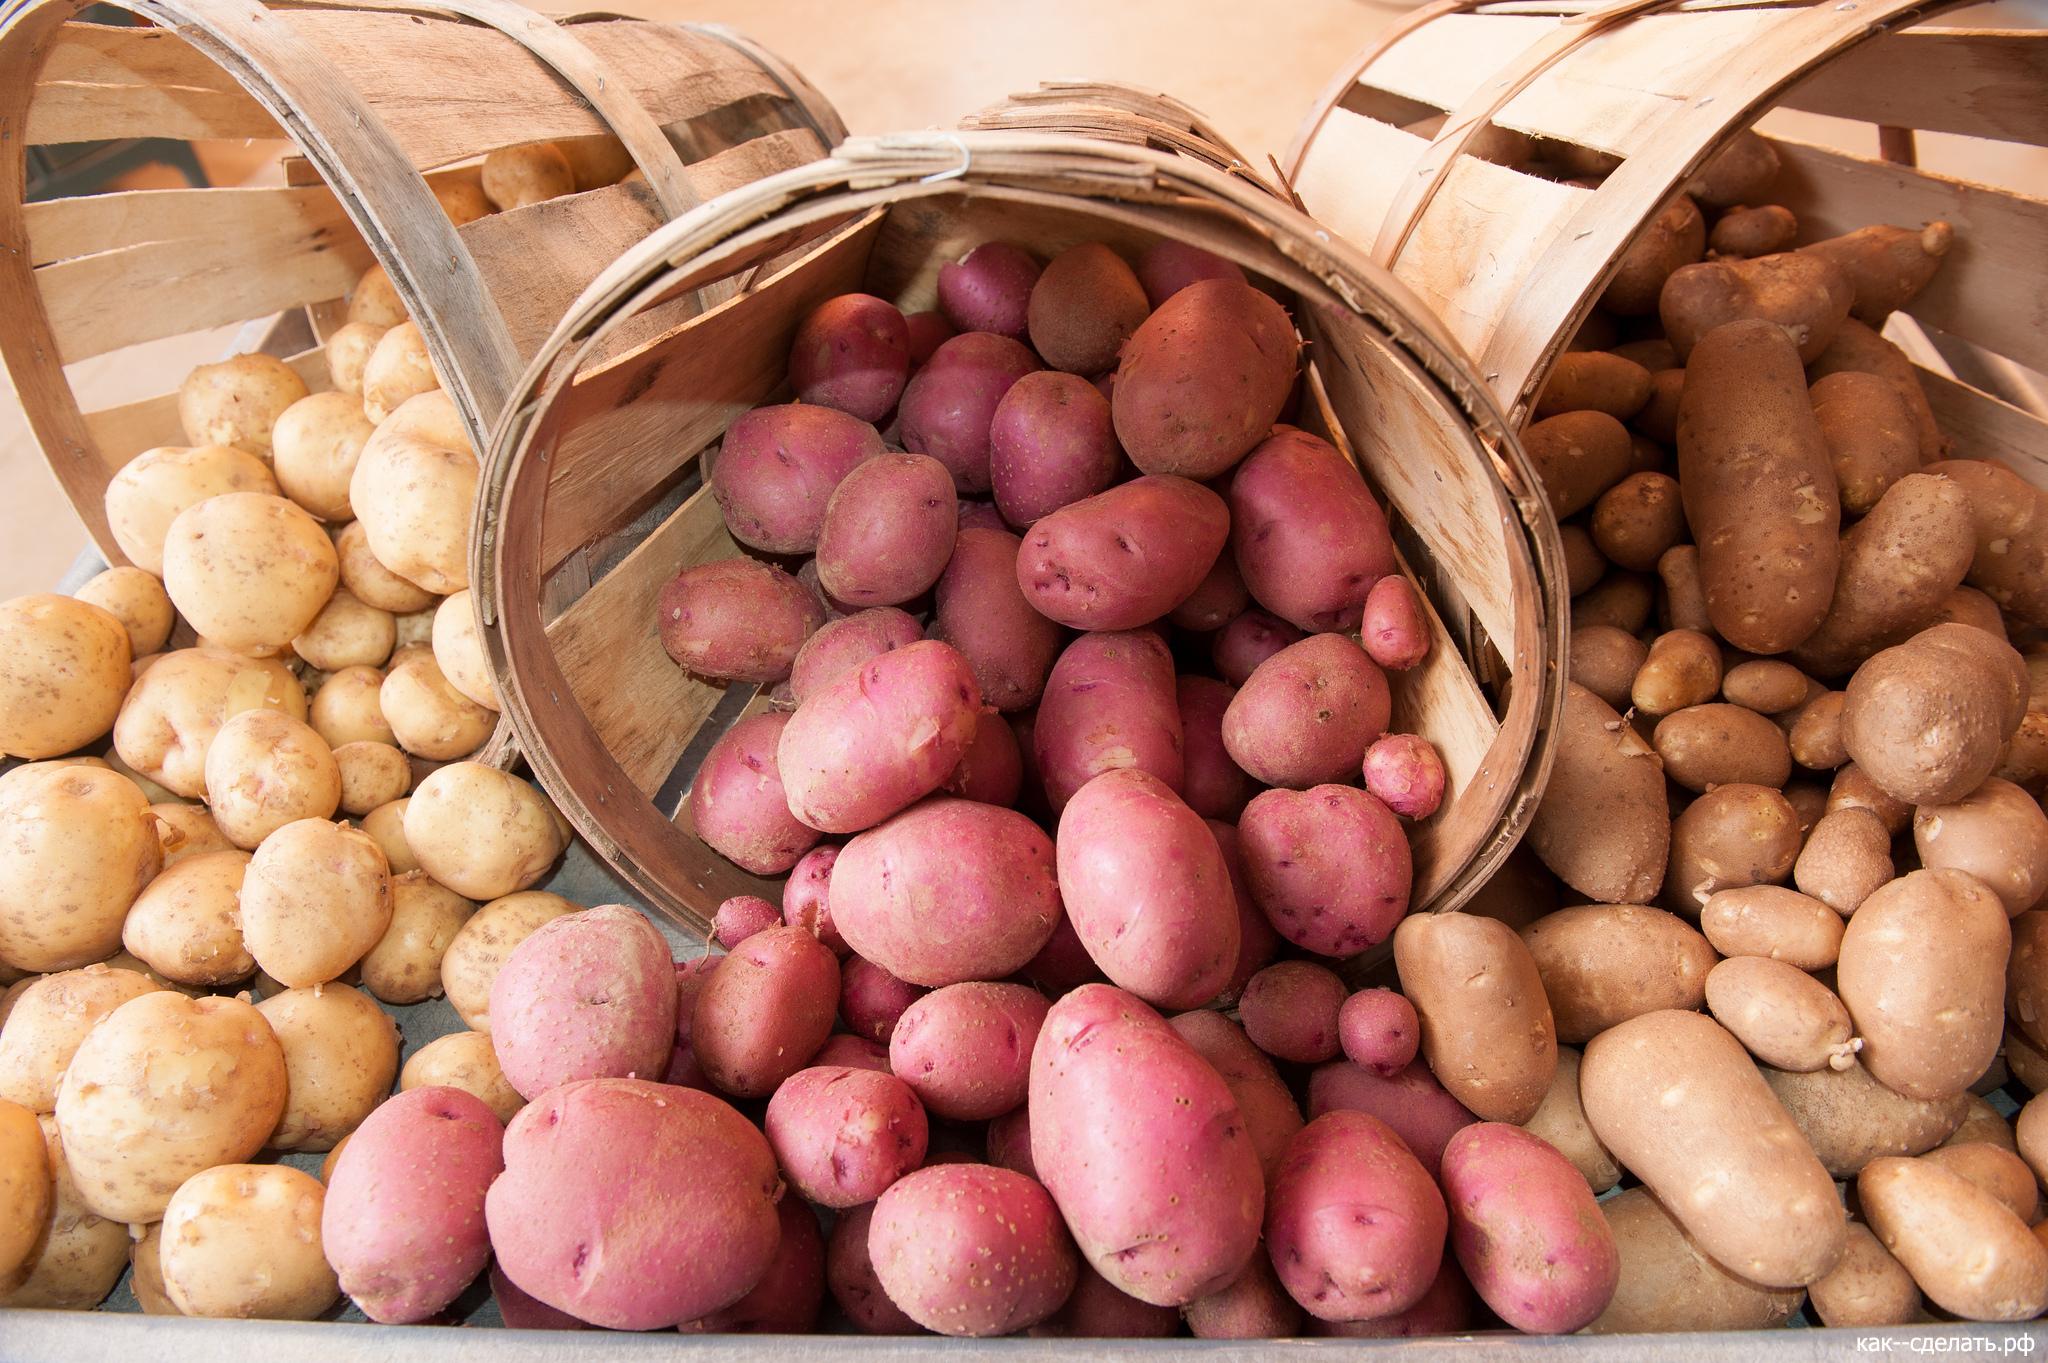 Картошкина наука: мои любимые сорта и секреты большого урожая картофеля